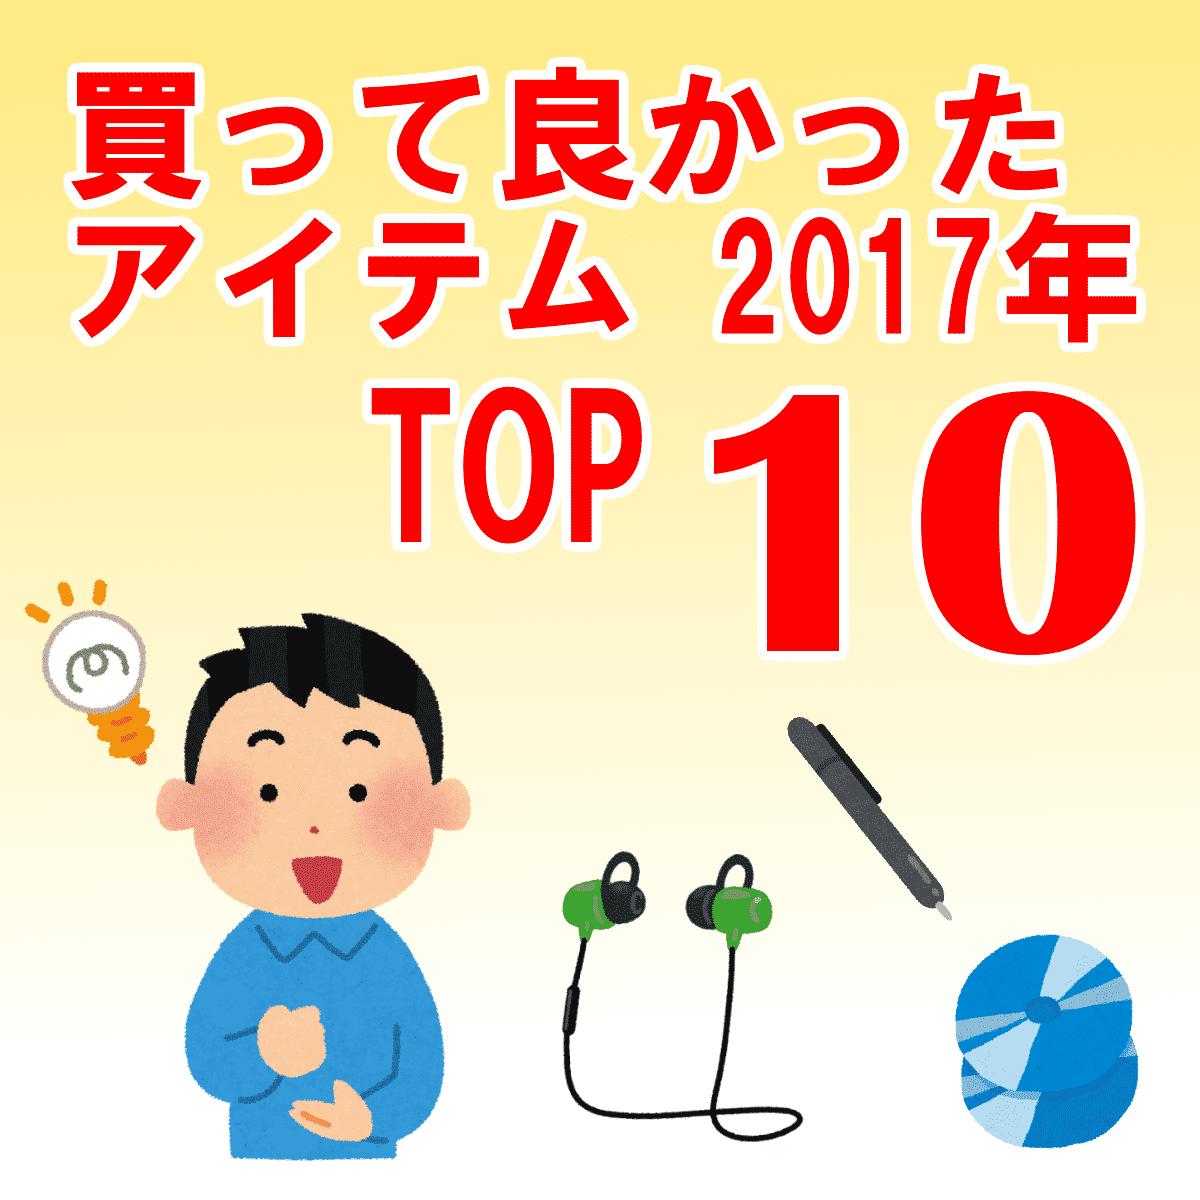 アイキャッチ:2017年に買って良かったアイテム TOP10